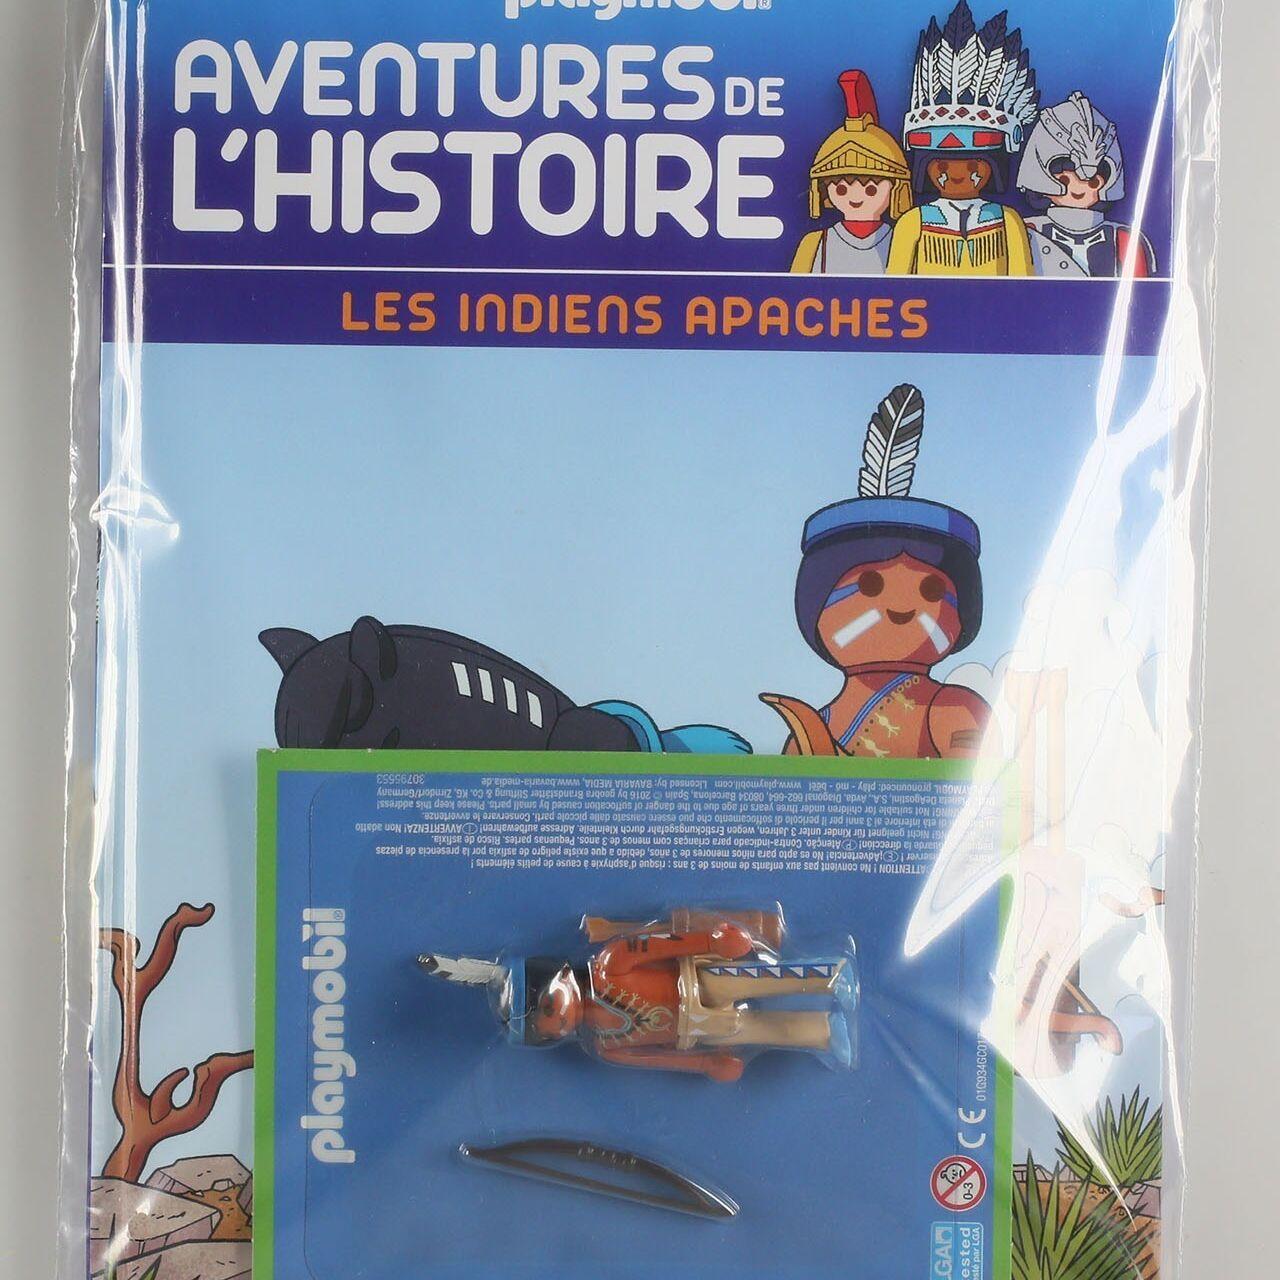 Playmobil, aventure de l'histoire, les grandes guerrières du moyen âge. La bd accompagnée de son Playmobil, l'indien Apache-0